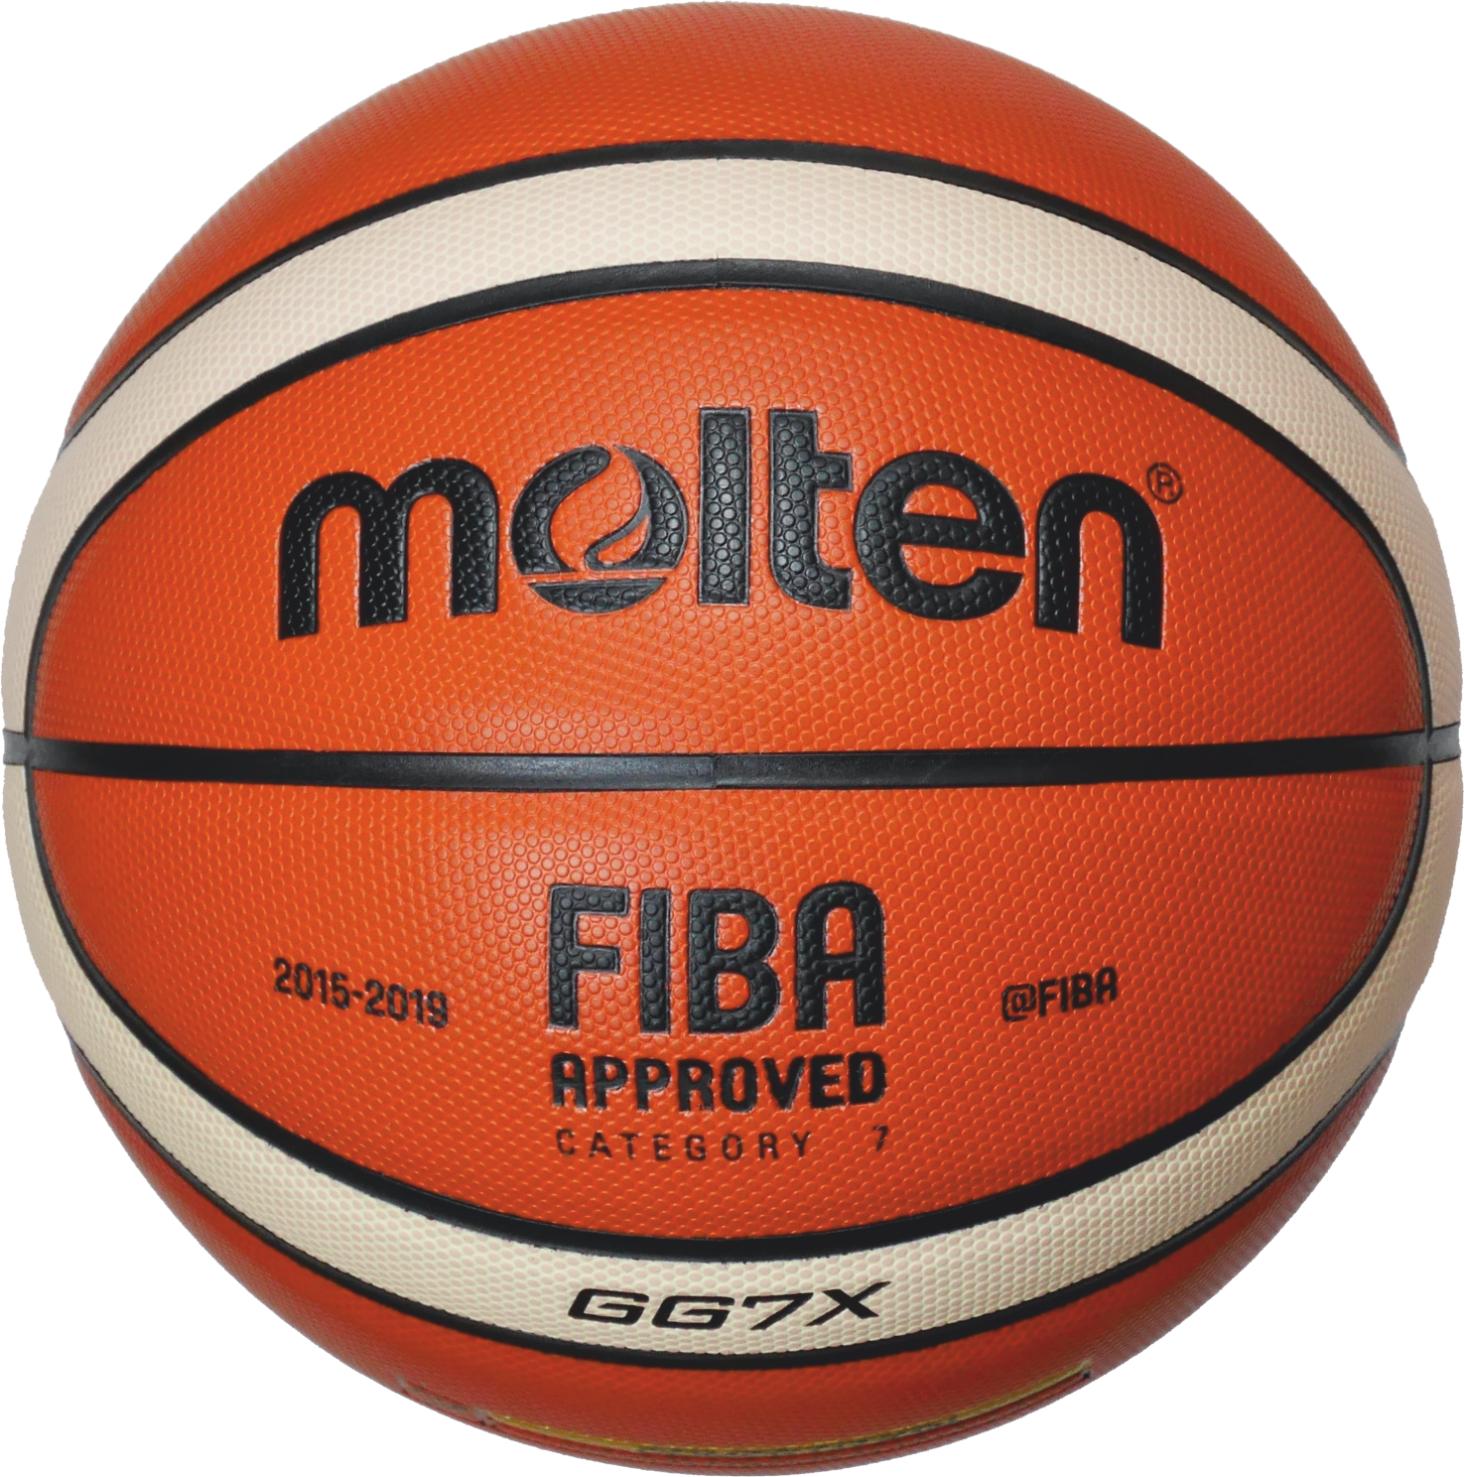 Molten Molten Molten BGG7X-DBB Basketball DBB BBL FIBA geprüft indoor outdoor Wettspielball c3d6d9